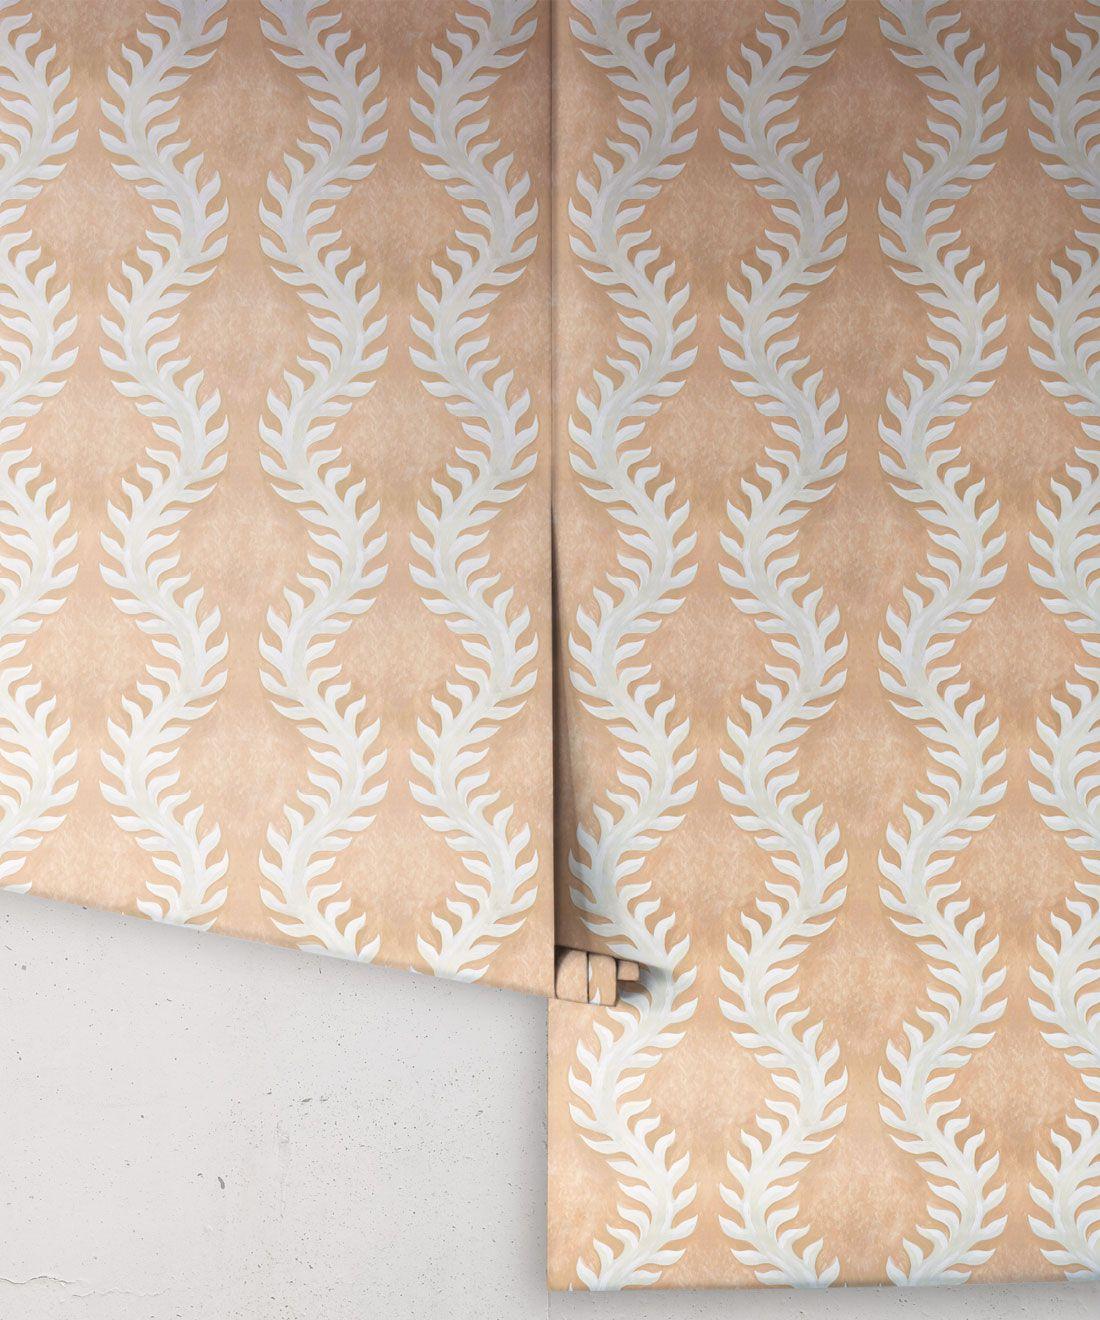 Fern Wallpaper • Salmon Wallpaper •Rolls